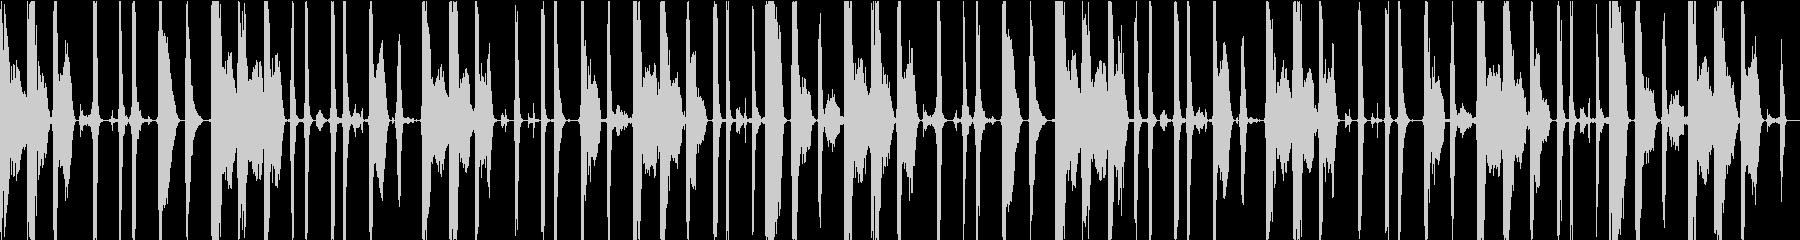 ボイスパーカッション・ビートボックス_2の未再生の波形